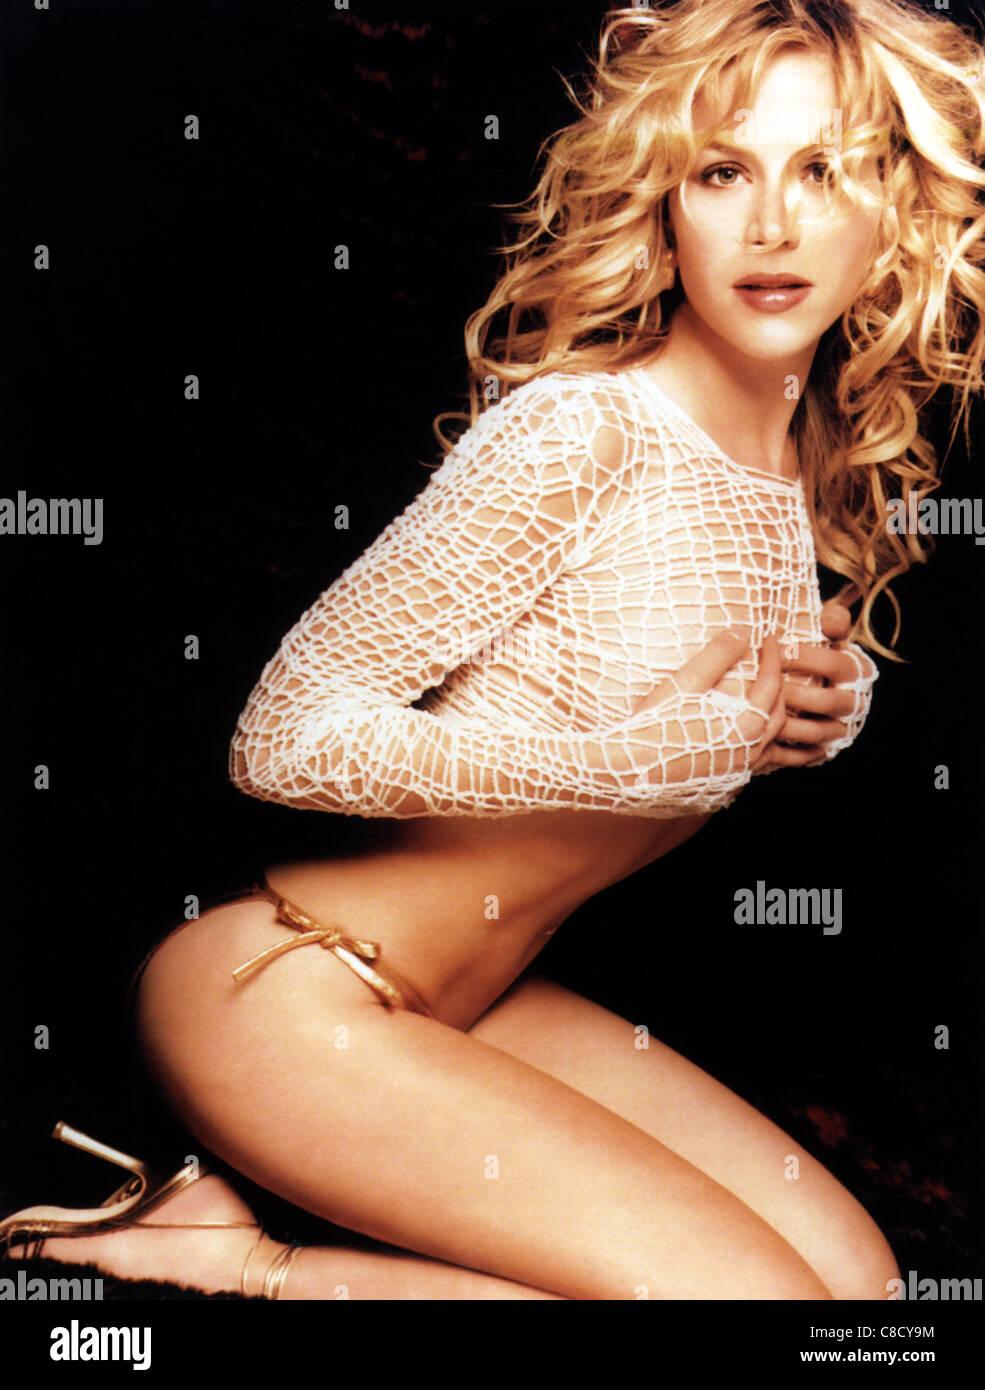 JULIE BENZ ACTRESS (2000) - Stock Image